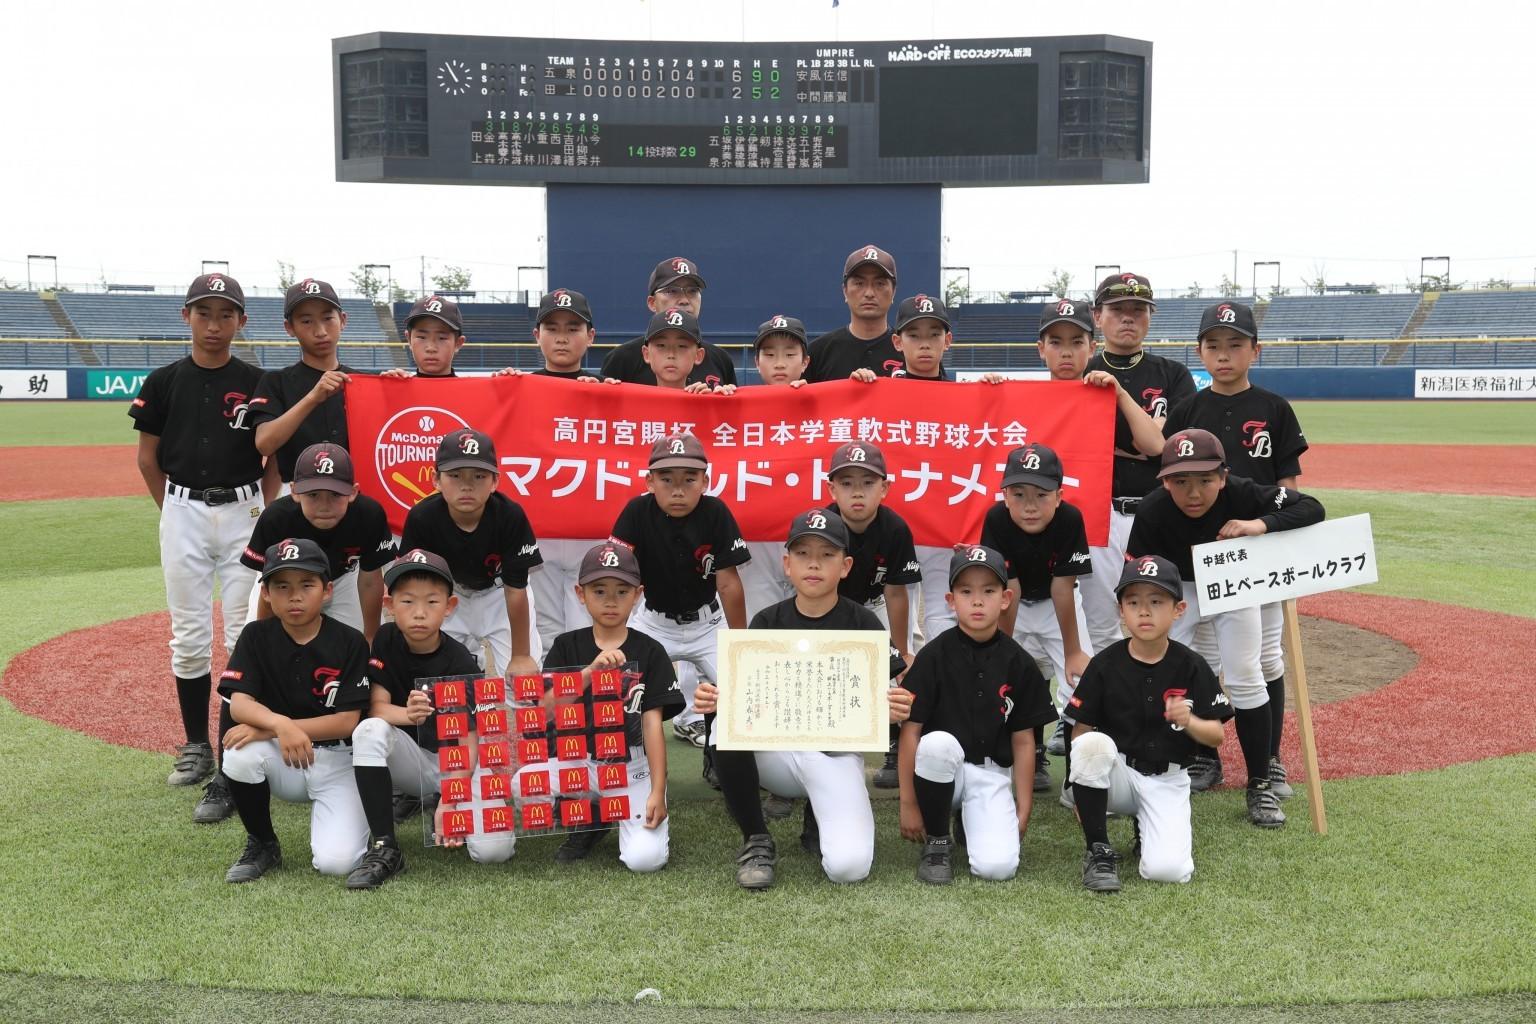 田上ベースボールクラブ